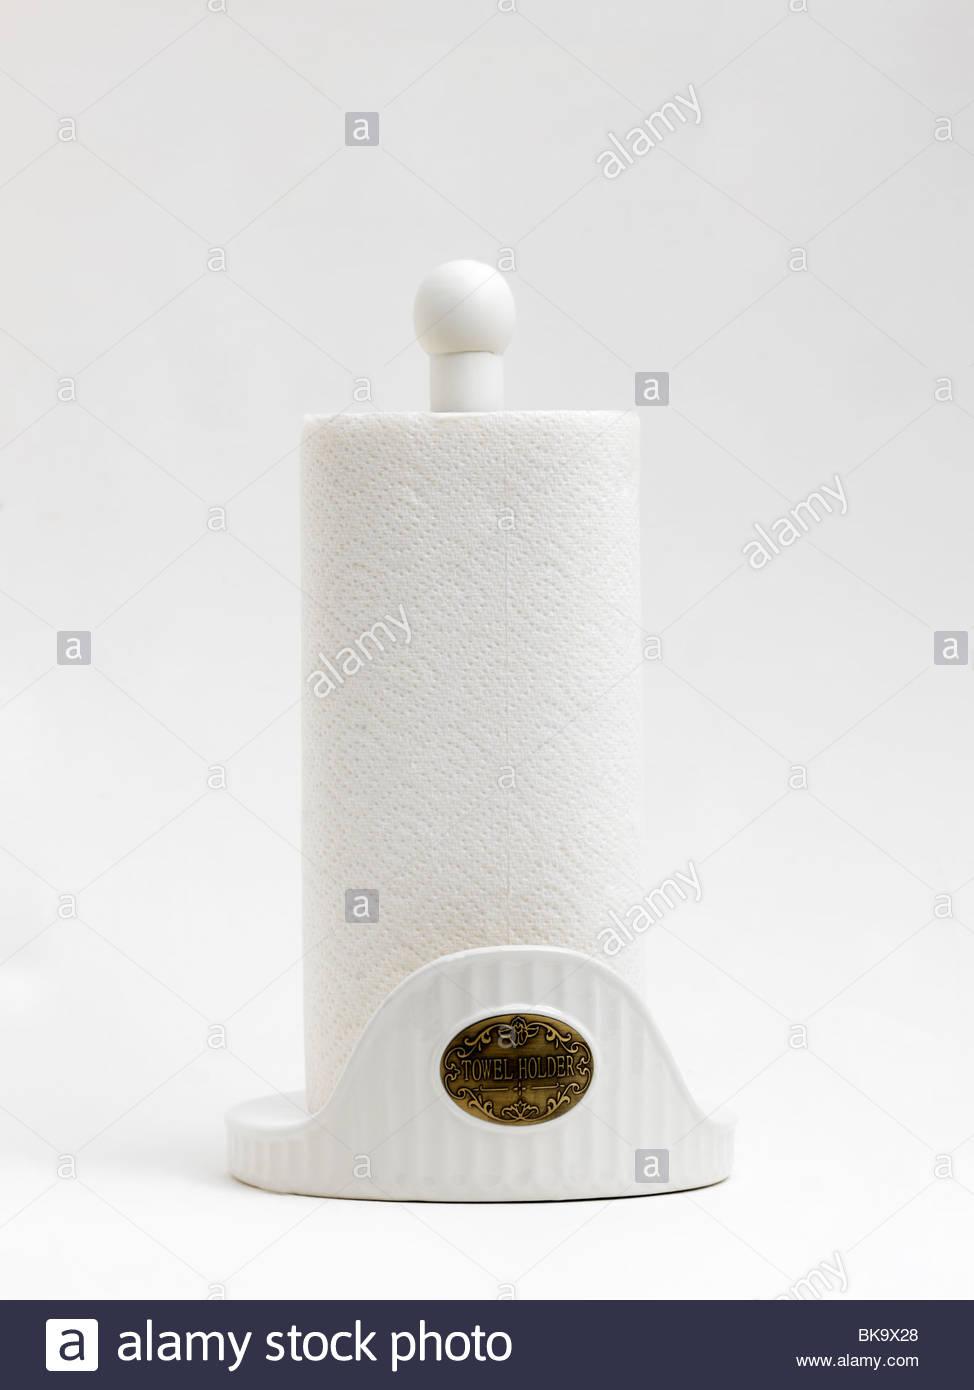 Full Size of Kche Handtuchhalter Stockfoto Miniküche Mit Kühlschrank Rollwagen Küche Ikea Eckküche Elektrogeräten Singleküche E Geräten U Form Holzküche Wohnzimmer Handtuch Halter Küche